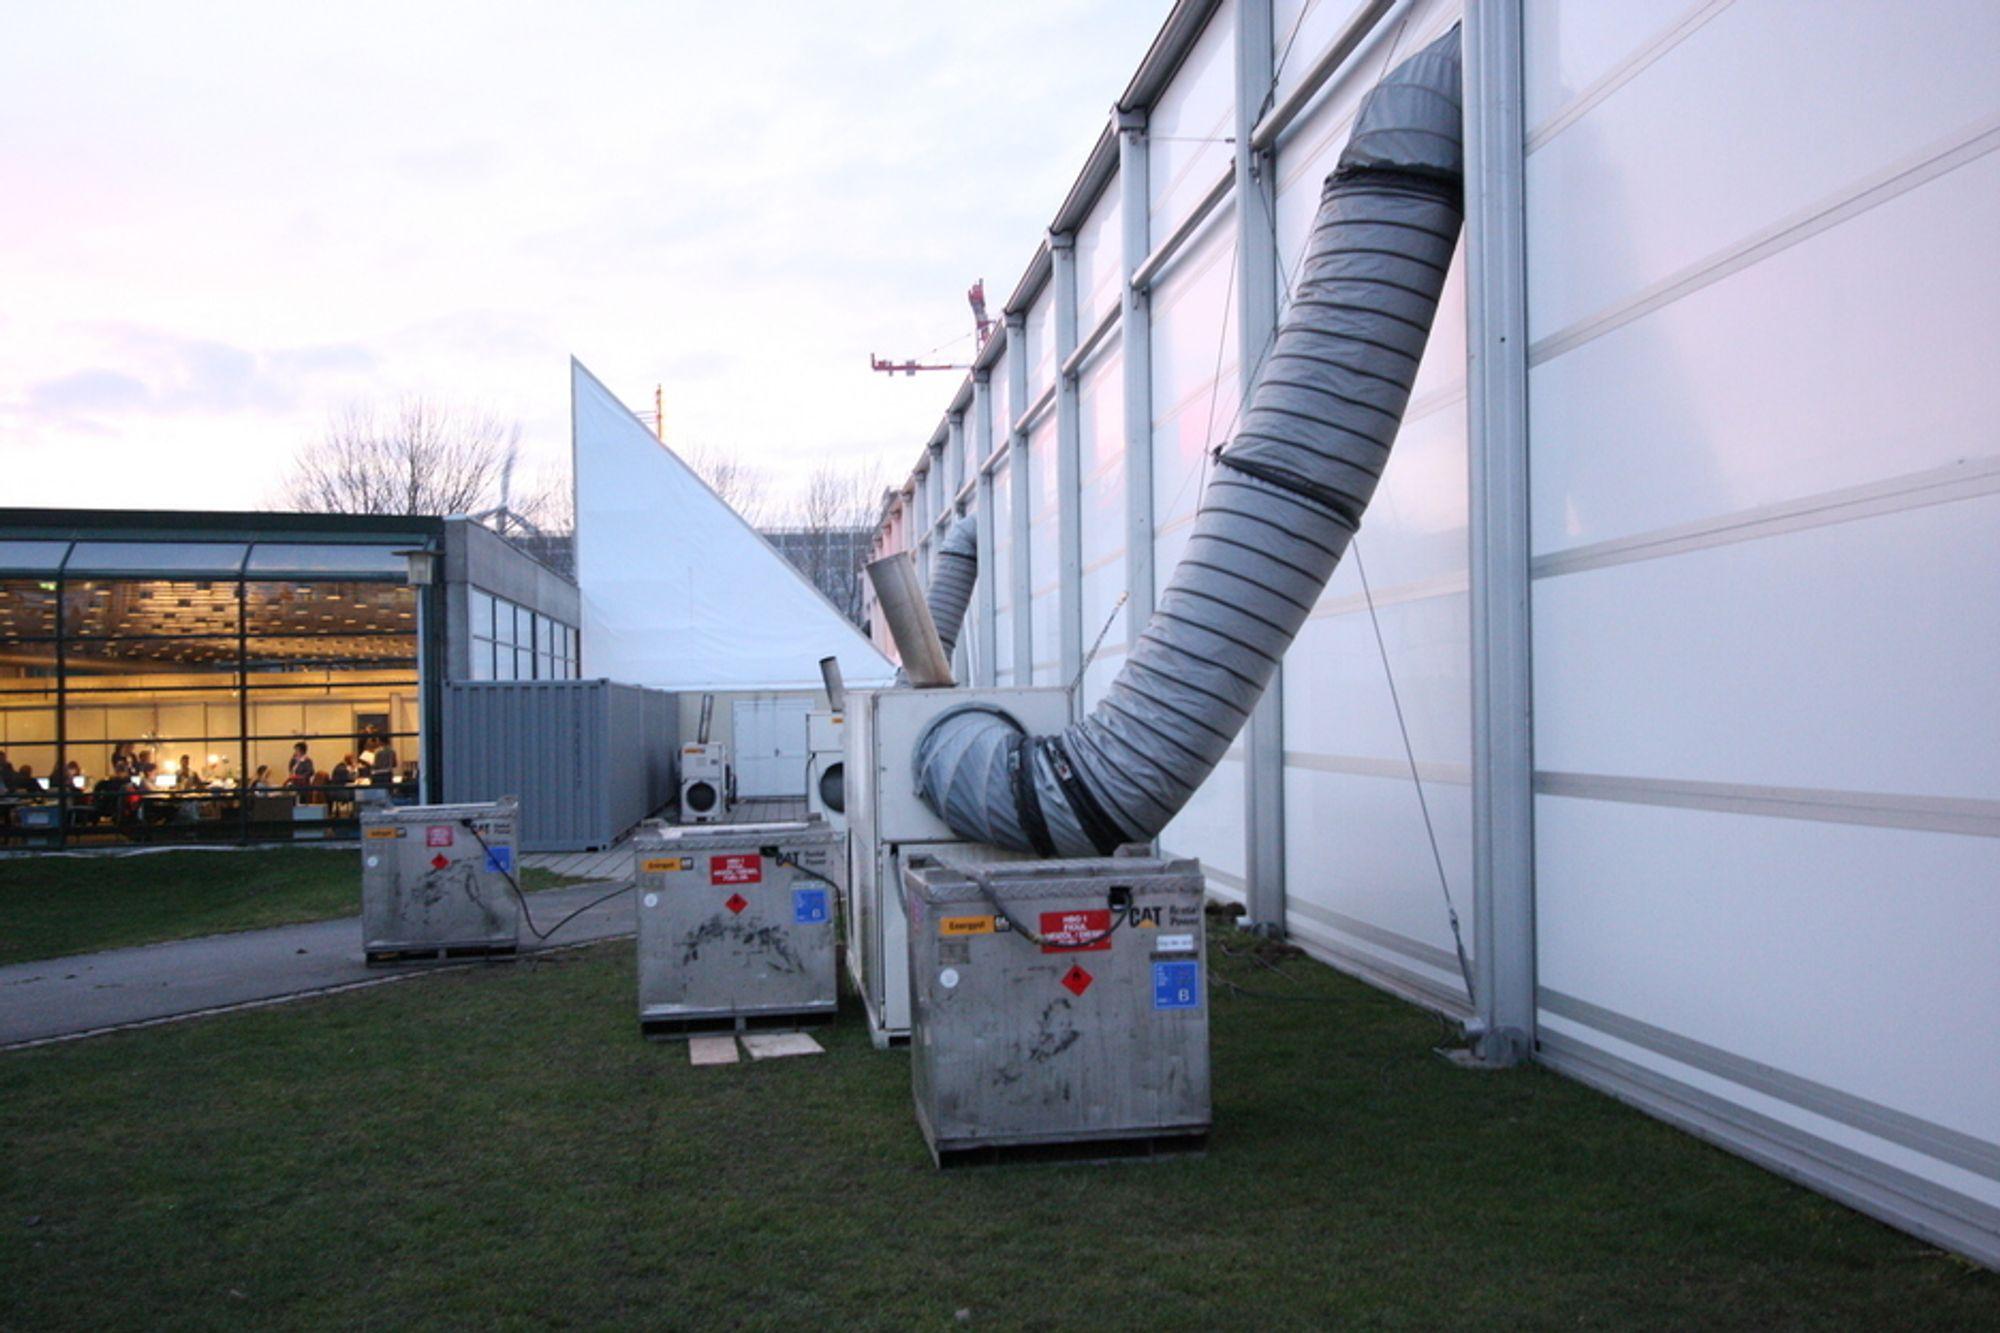 DIESELFYRTE KLIMAKONTORER: Inne i dette bygget har delegatene sine kontorer under klimaforhandlingene. Varmen kommer fra disse dieselfyrte generatorene fra Energyst Cat Rental Power, og slipper ut en god del CO2.